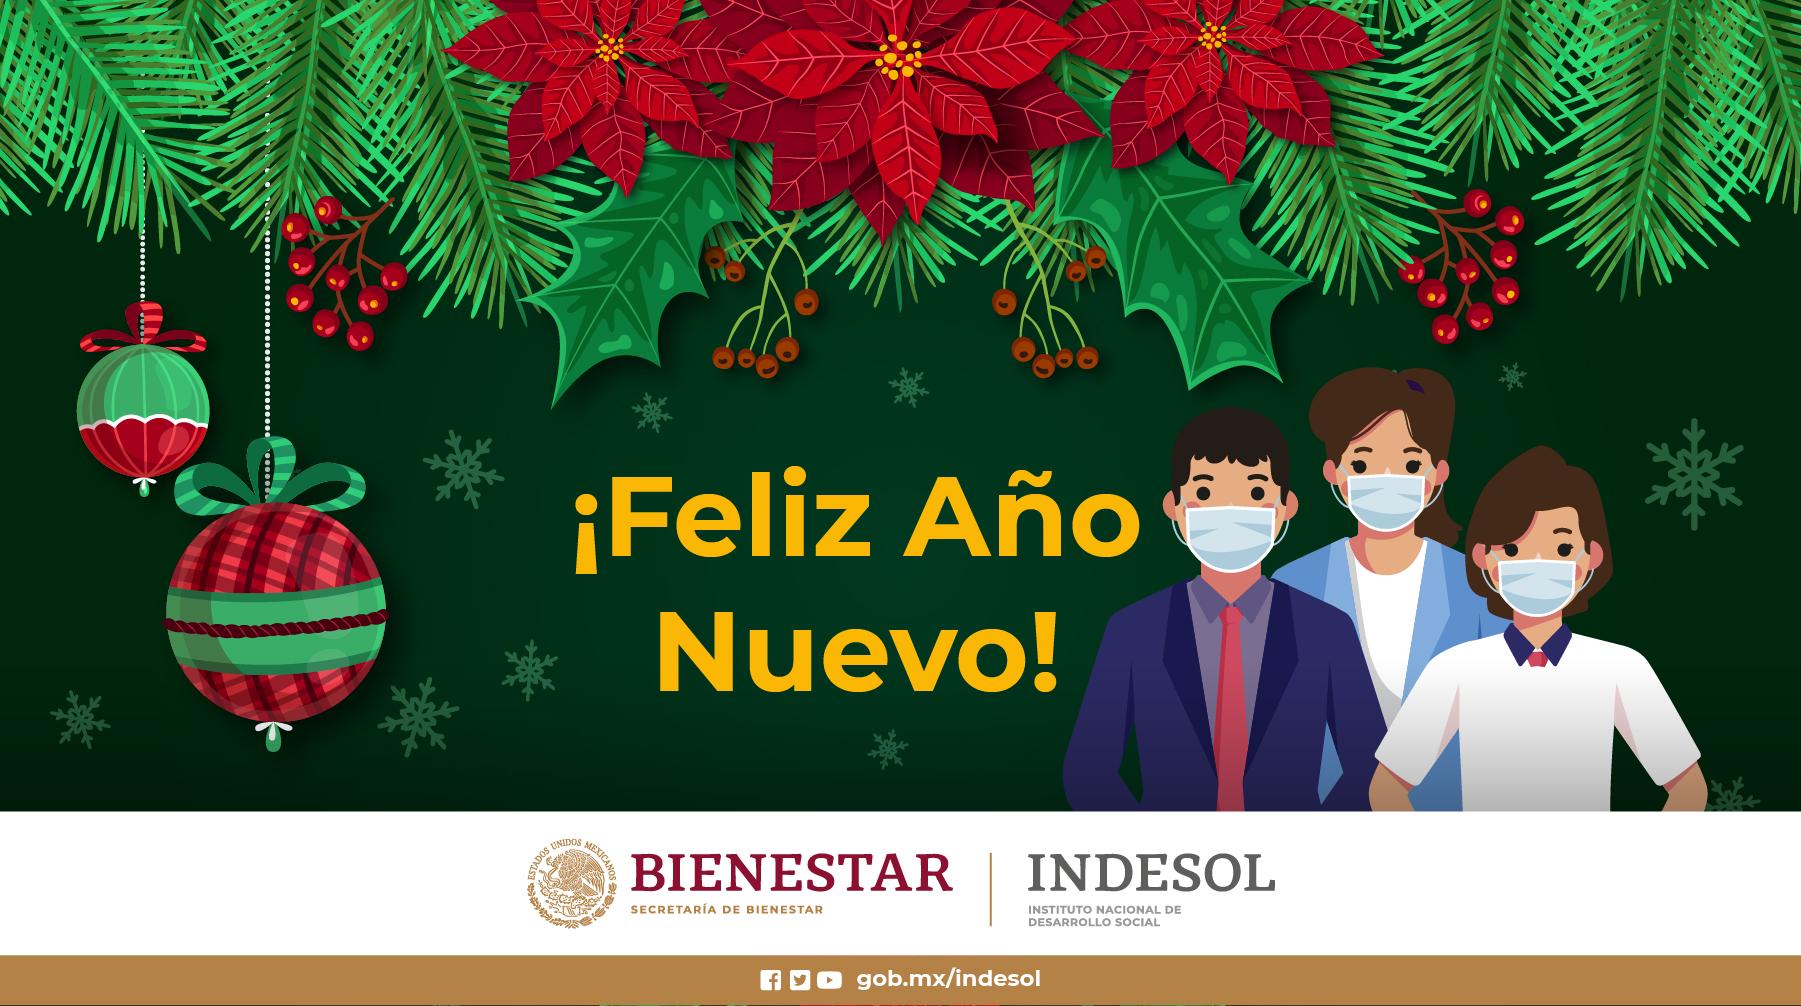 Desde el Indesol les deseamos ¡Feliz Año Nuevo!